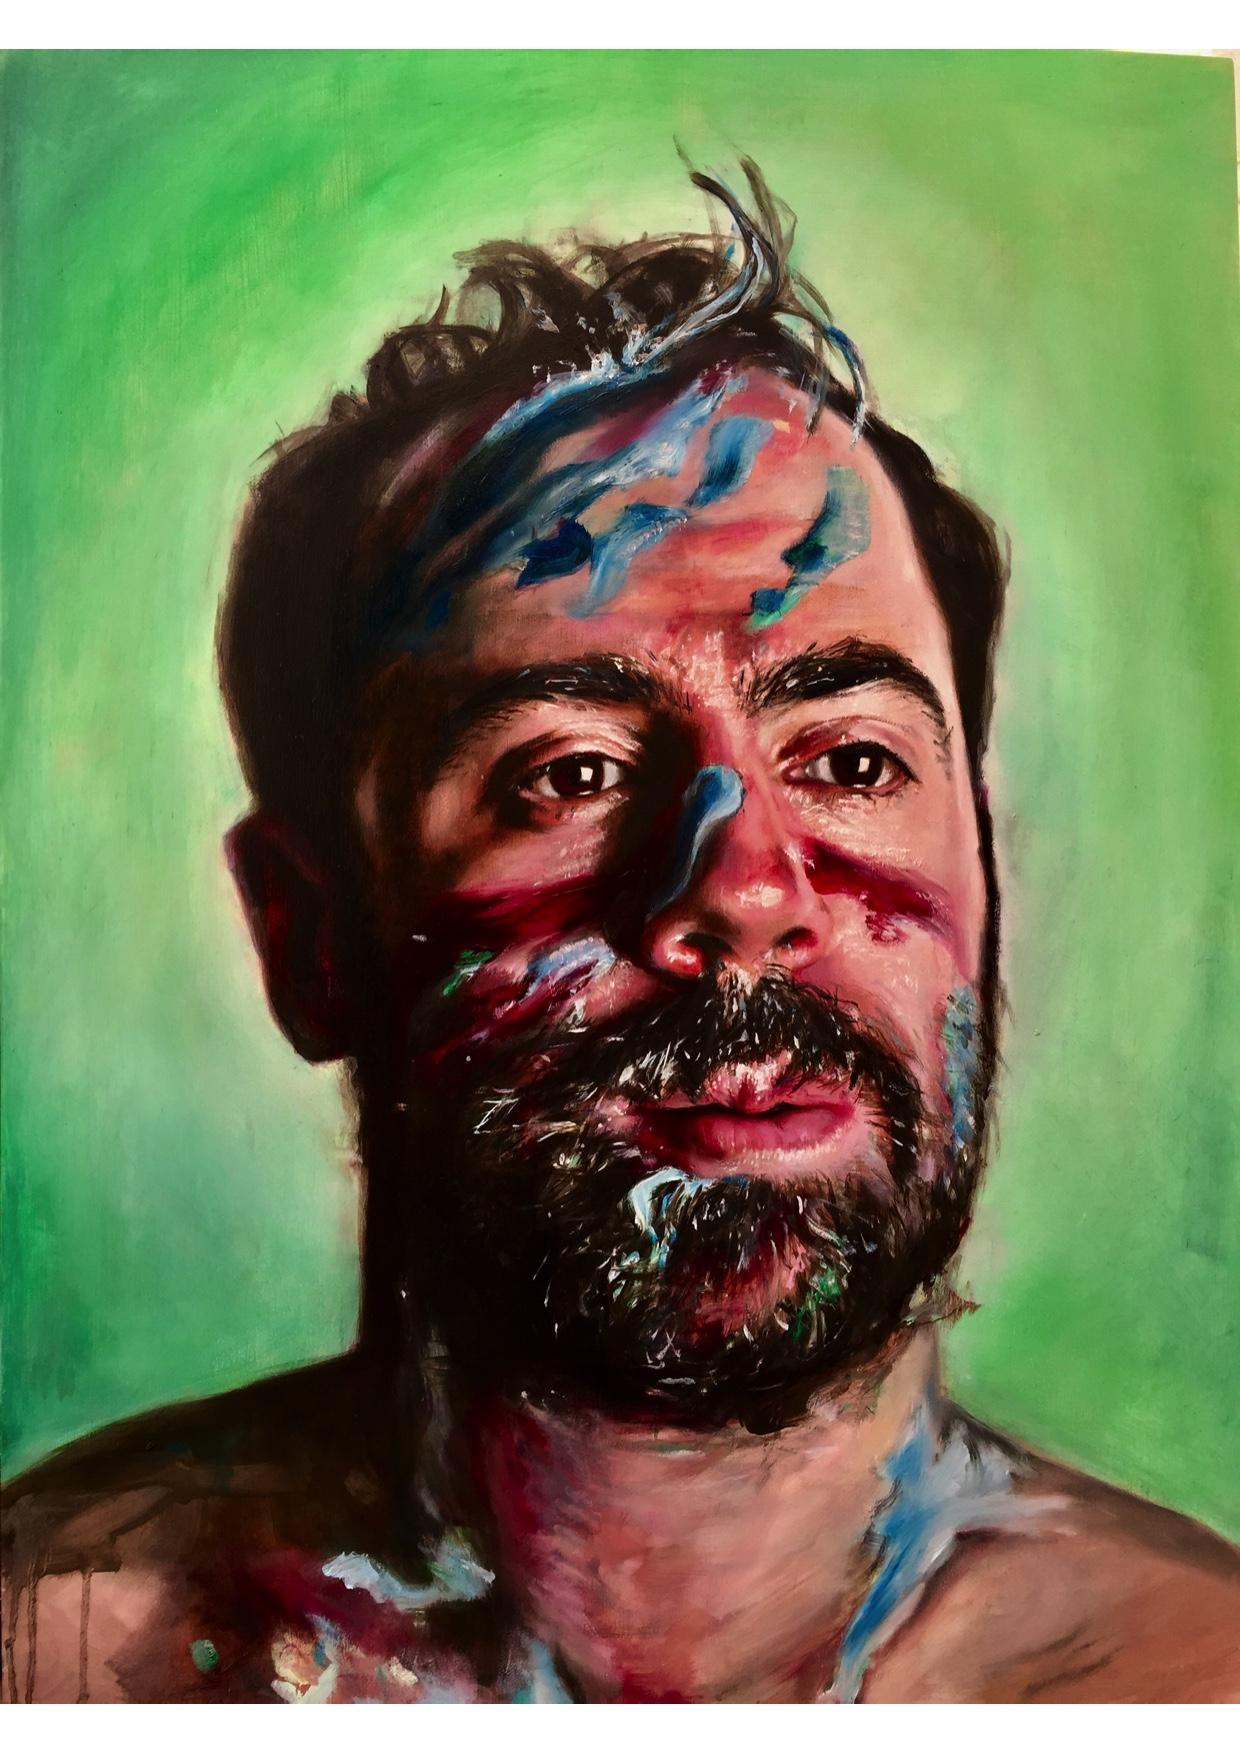 Dan, Paint Play. Oil on Board, 60x80cm (SOLD)